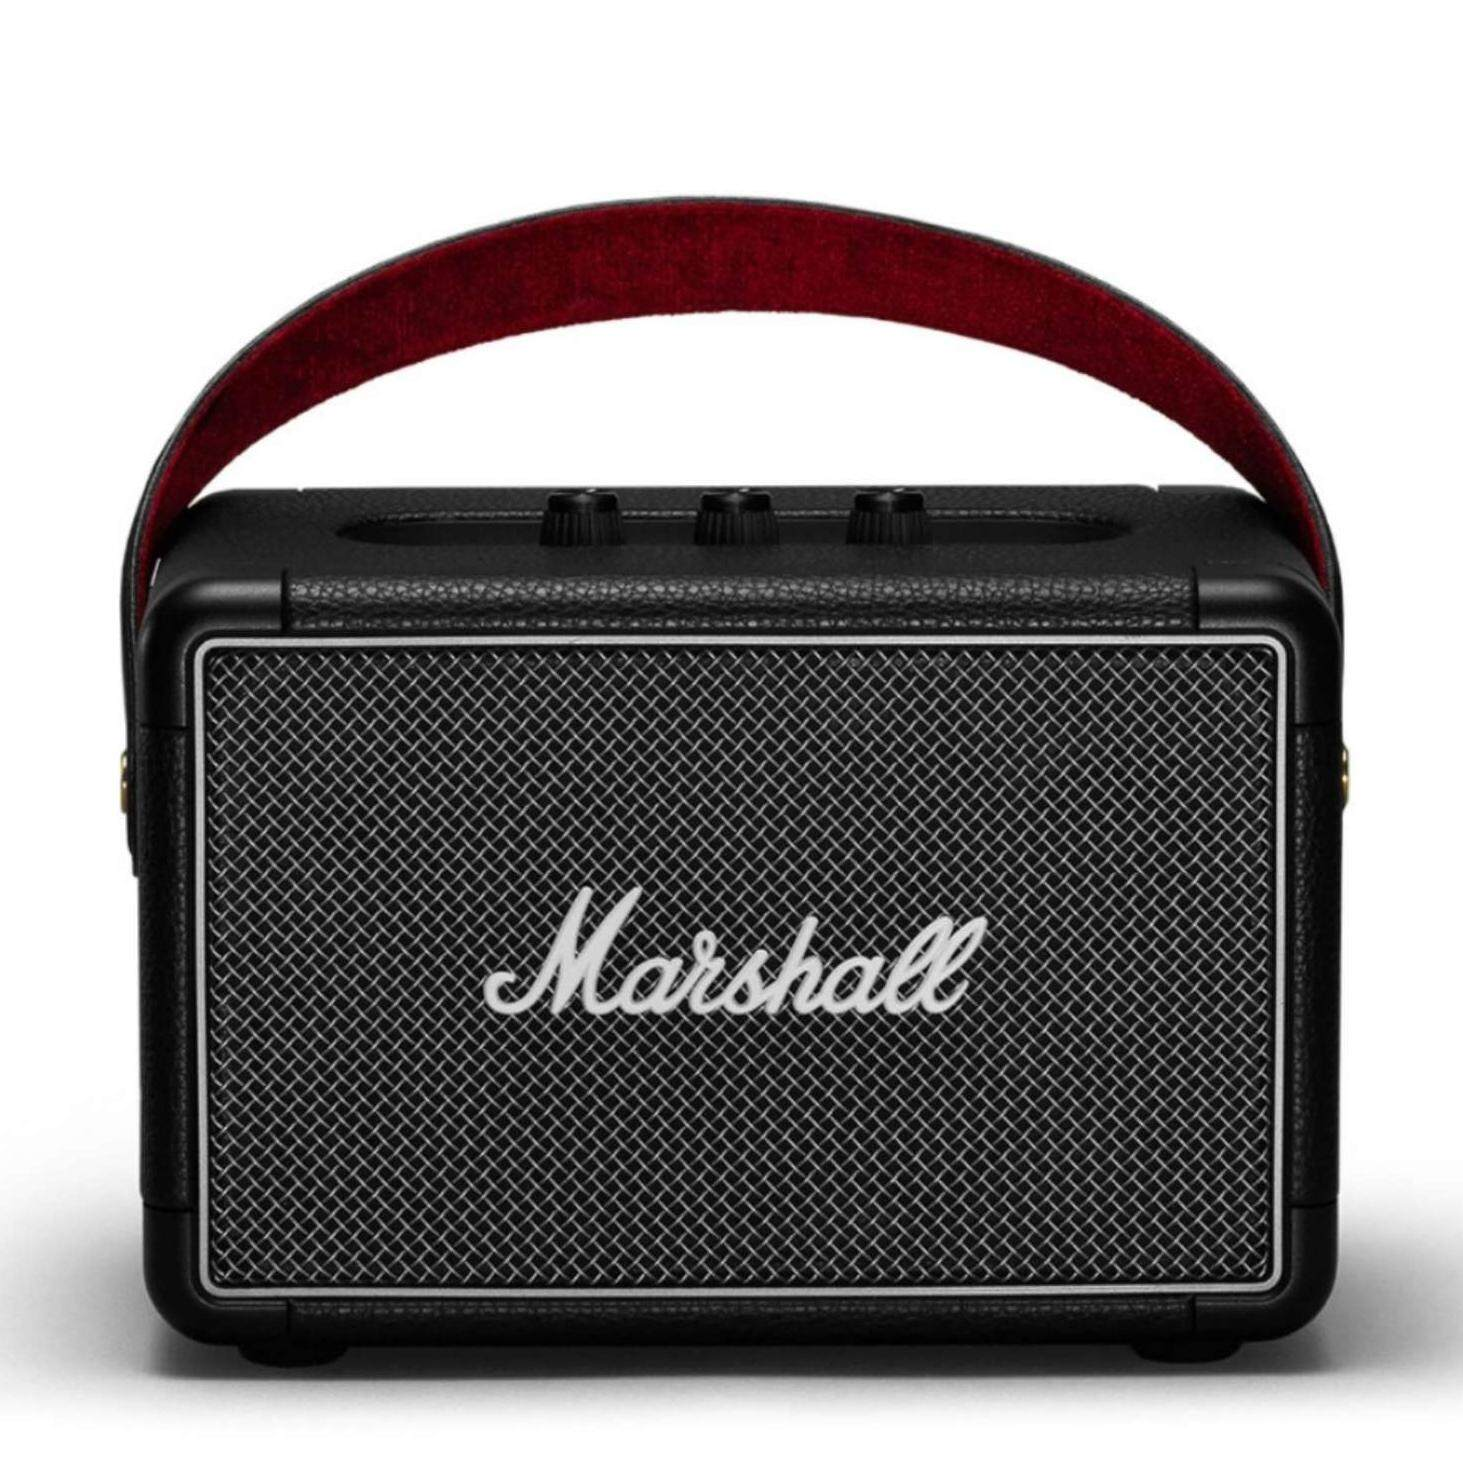 สอนใช้งาน  นครสวรรค์ ลดราคาพิเศษ Marshall kilburnII.รุ่นใหม่พกพาง่ายเสียงหนักแน่น  ฟังเพราะฟังสบายได้ทุกที่ แบเตอรี่นาน20 ชม. ลดสูงสุดmarshall